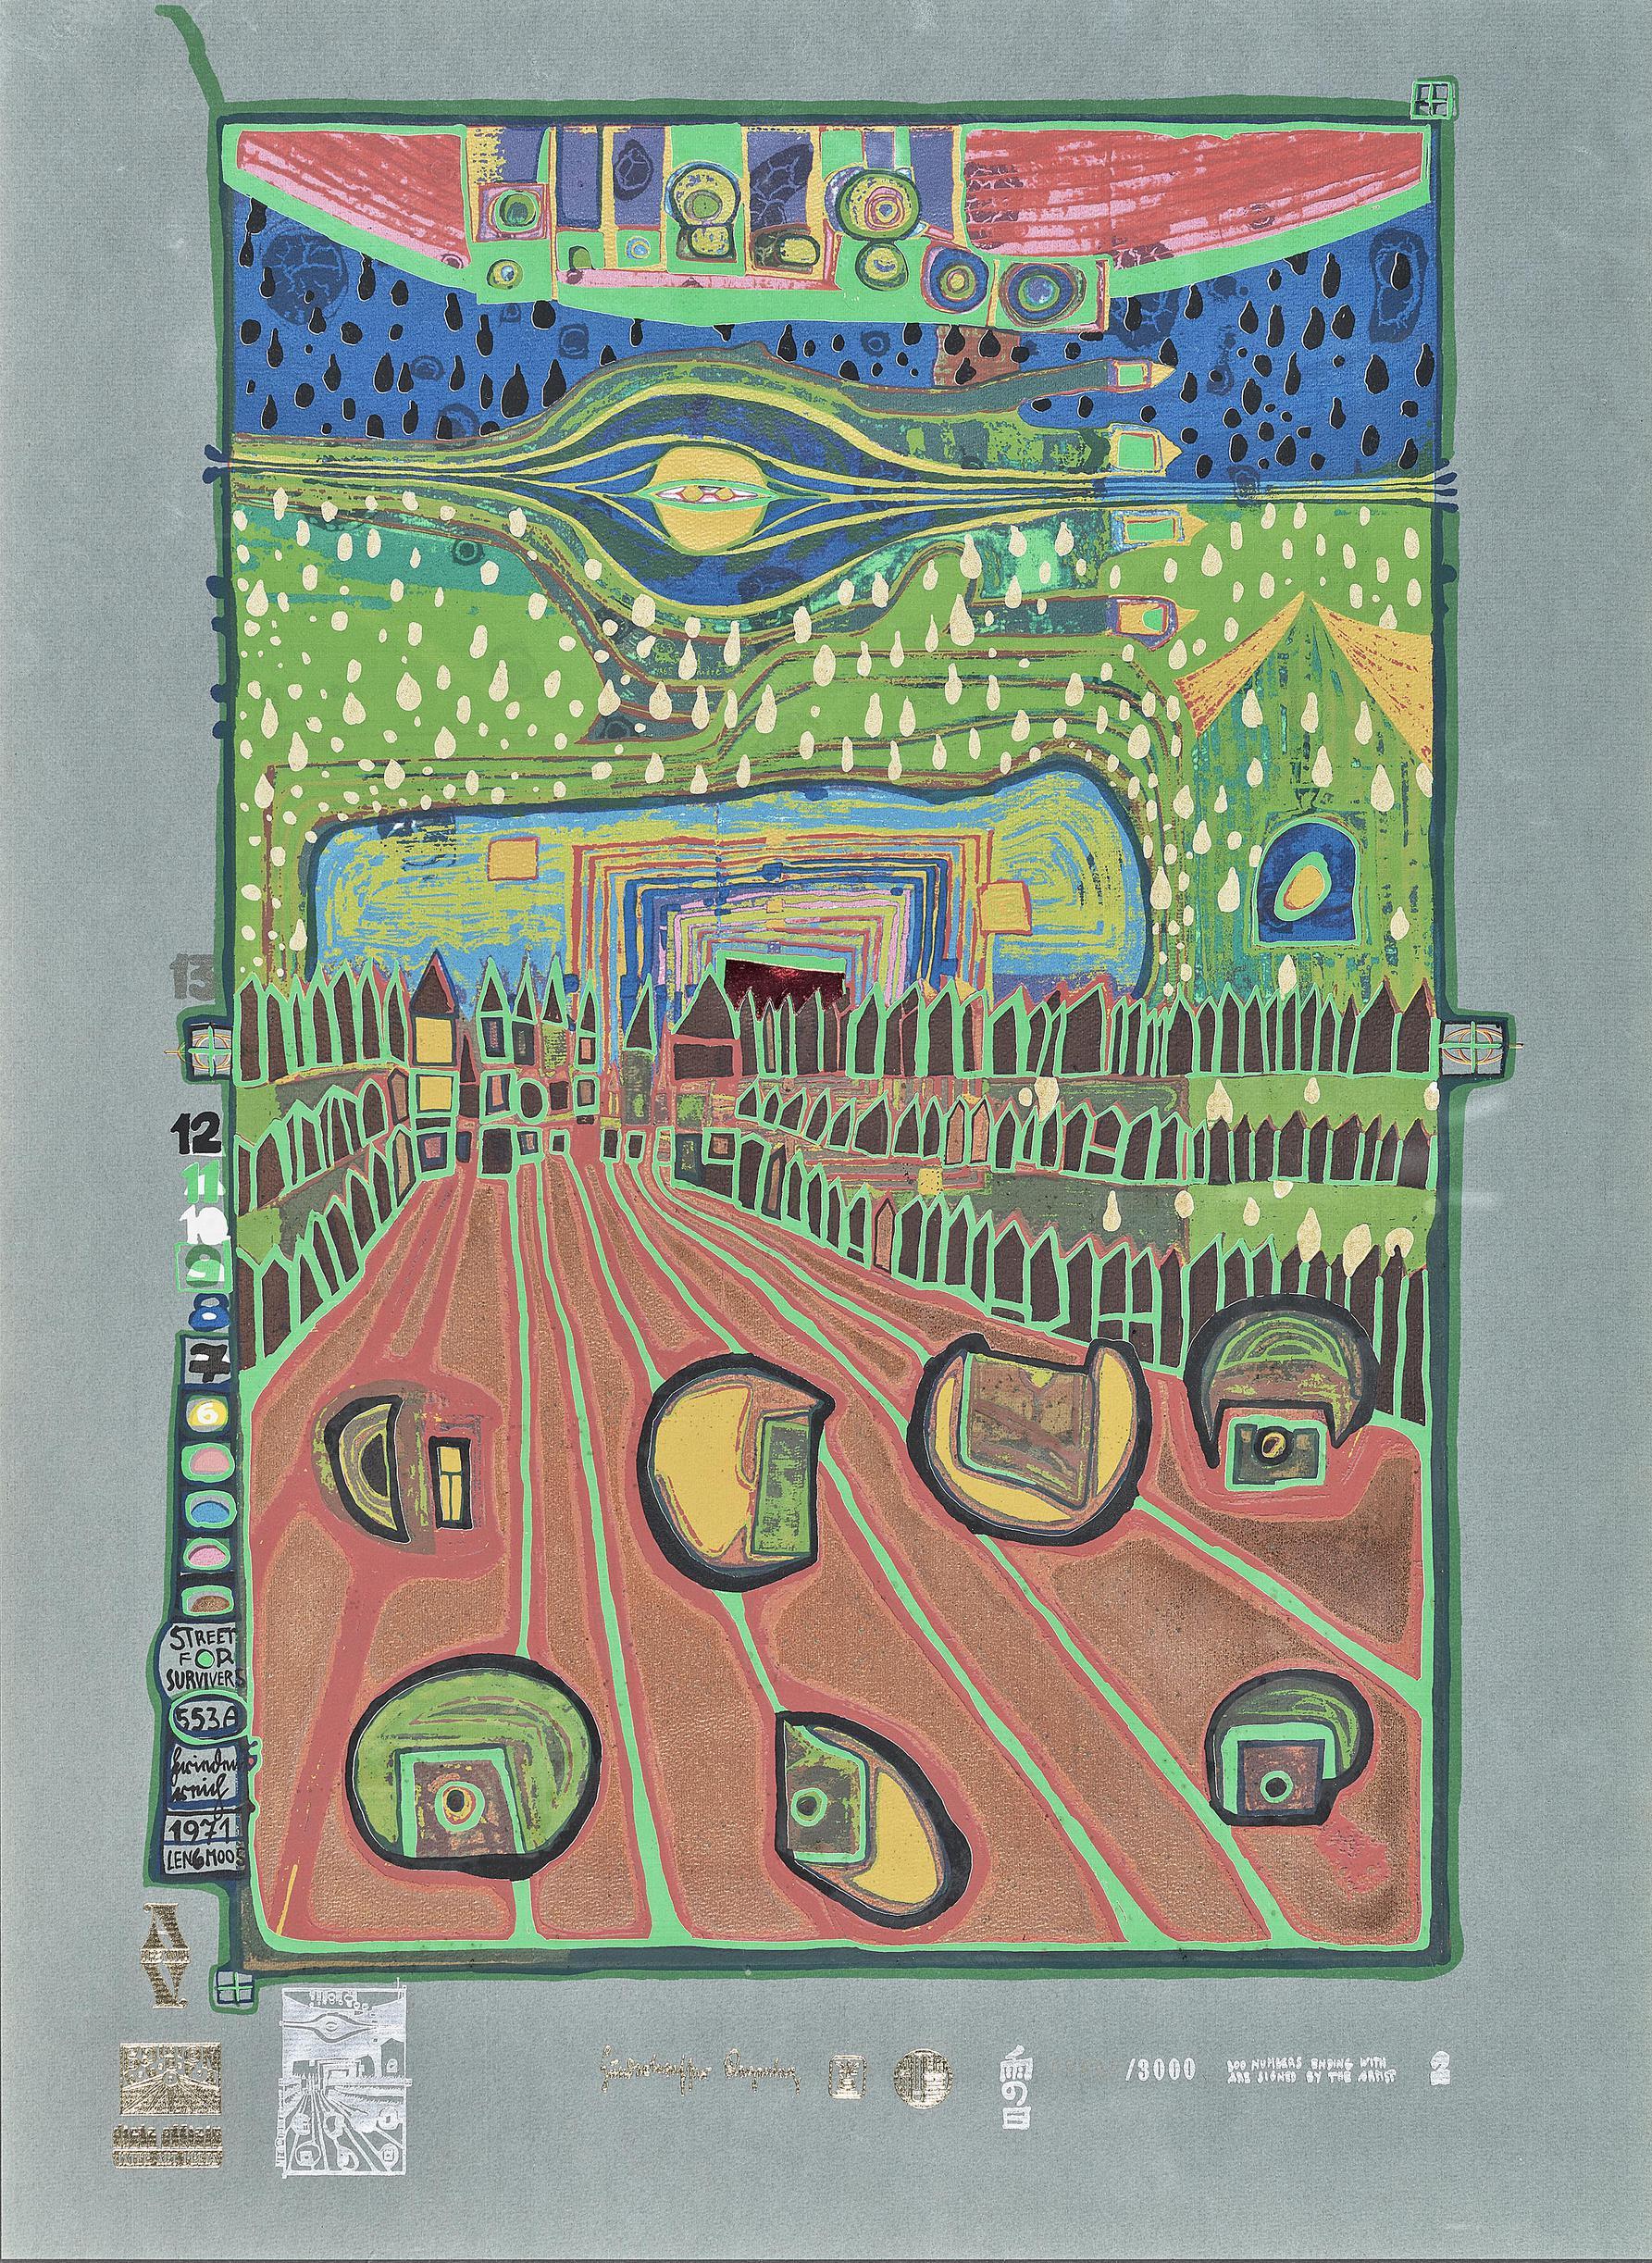 Friedensreich Hundertwasser-Strasse Der Uberlebenden (Street for Survivors)-1971